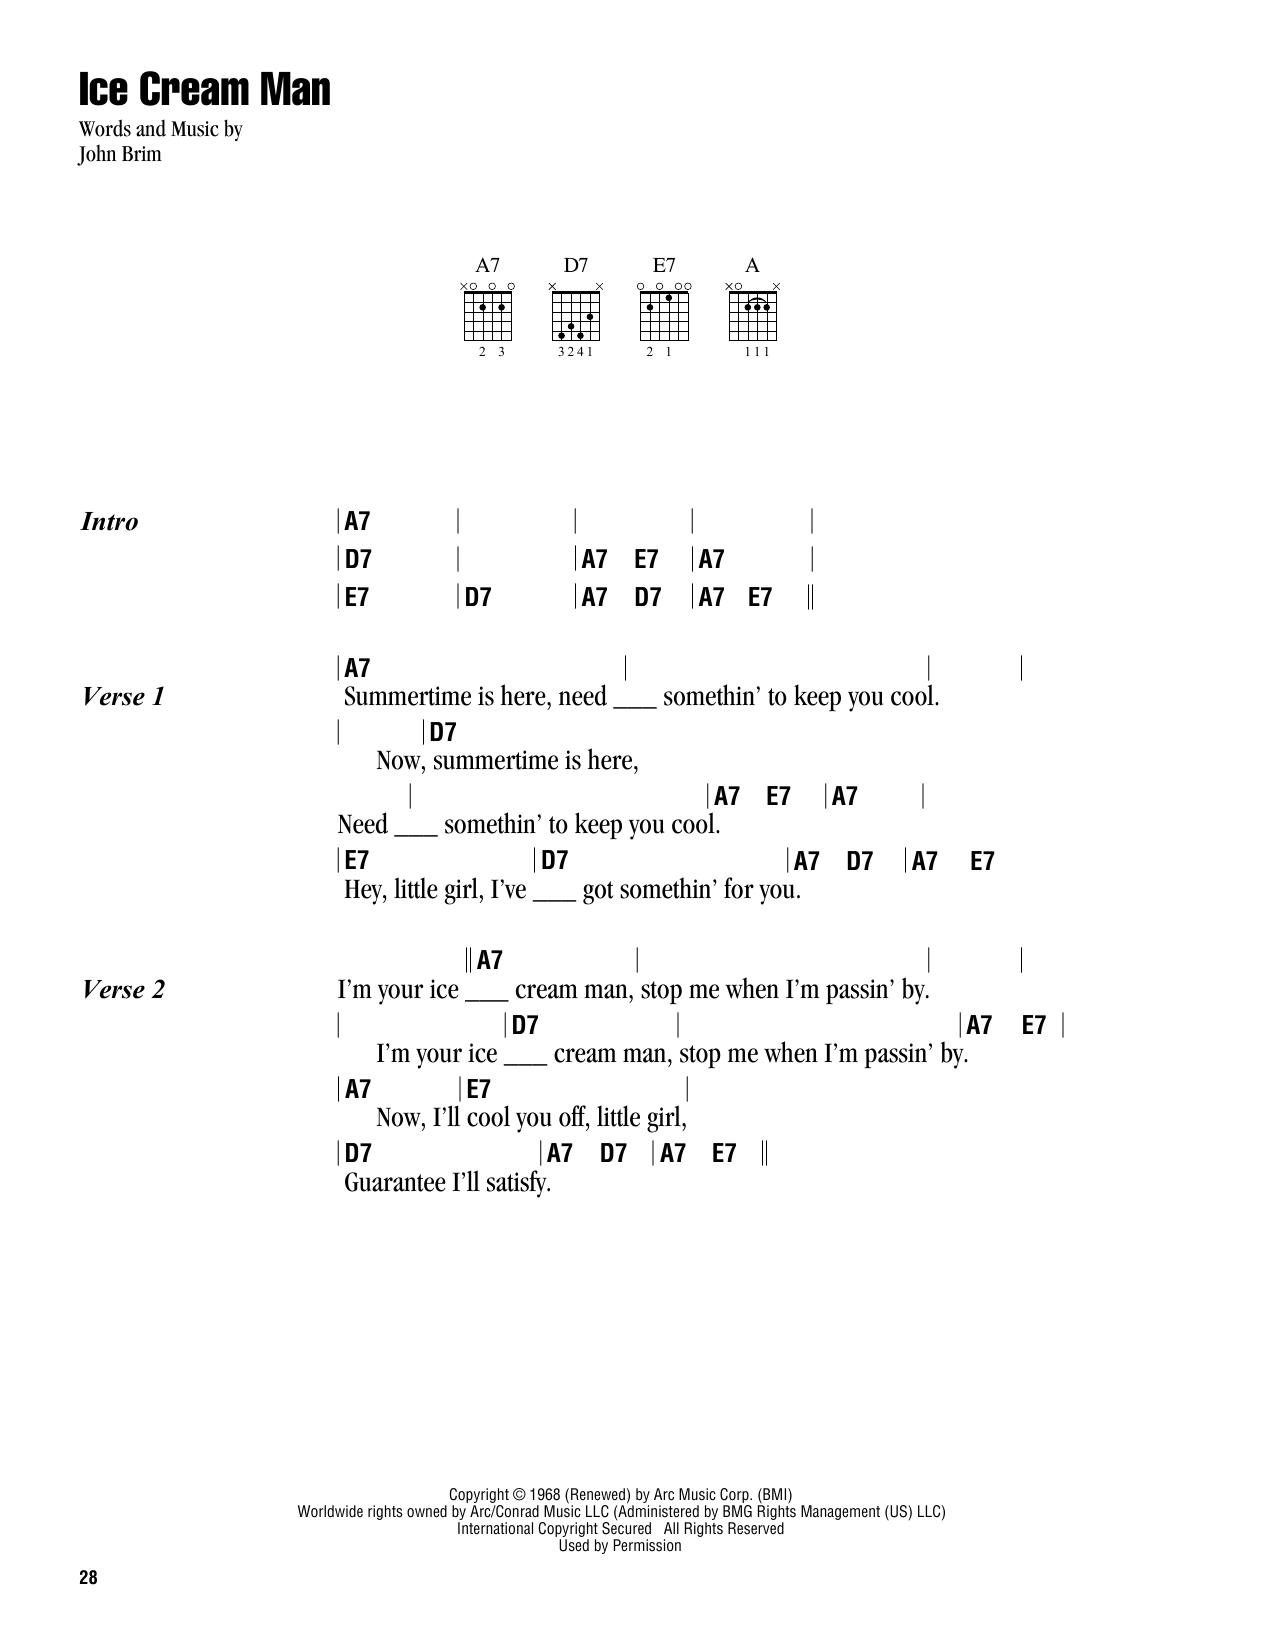 John Brim Ice Cream Man sheet music notes and chords. Download Printable PDF.